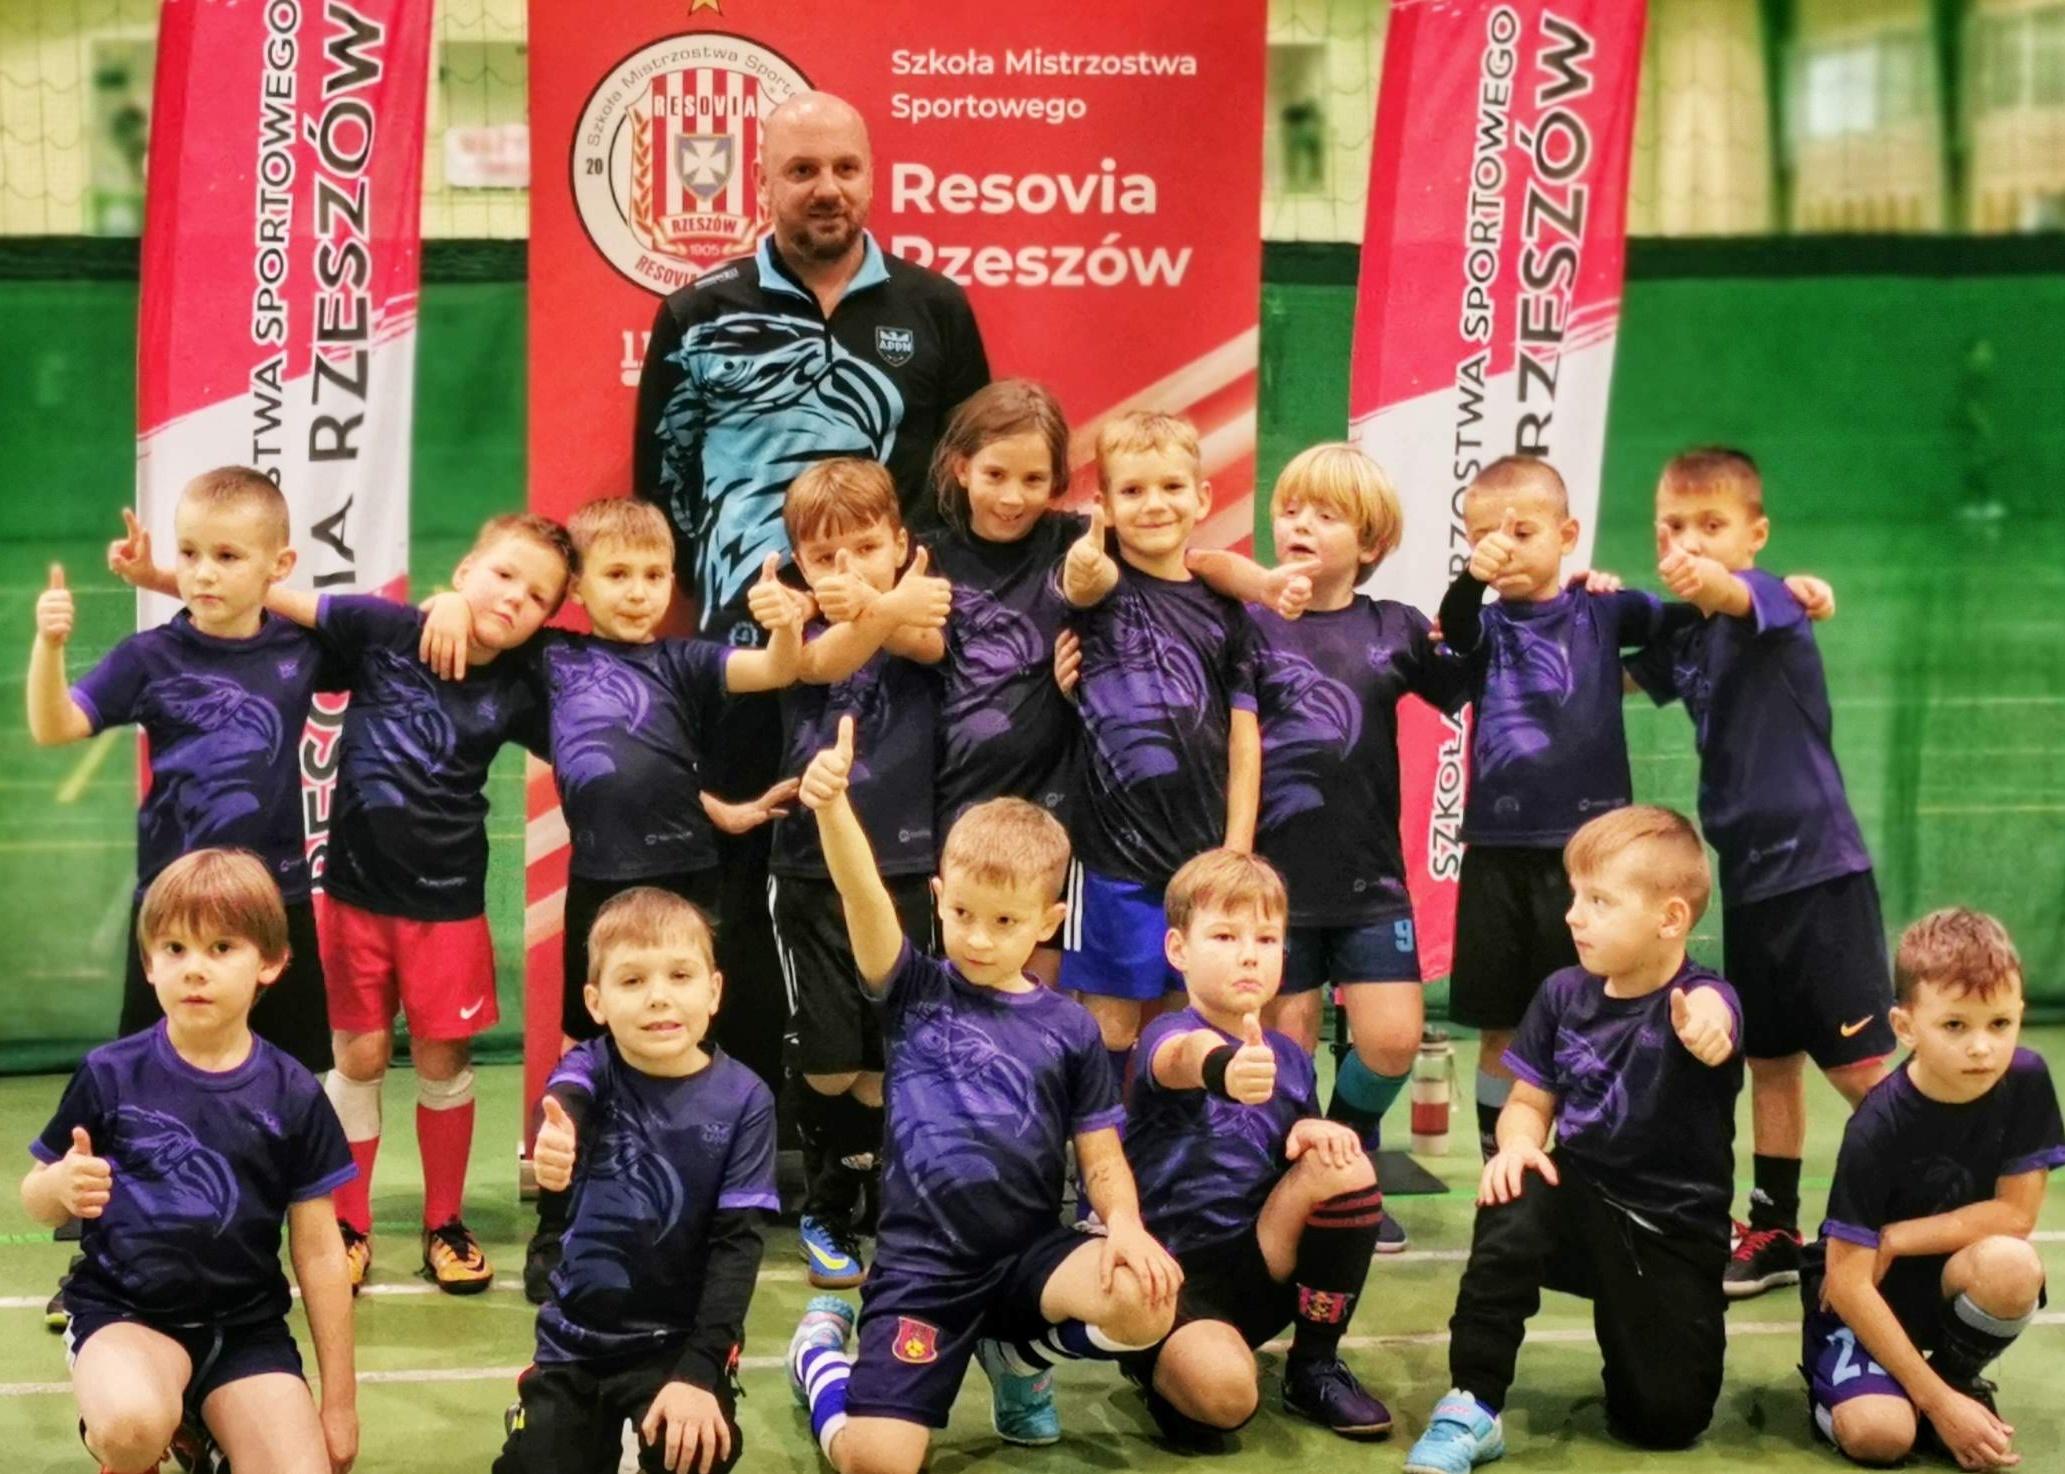 Medalowe żniwa Piłkarskich Nadziei. Koniec roku to znakomity czas dla młodych piłkarzy - Zdjęcie główne